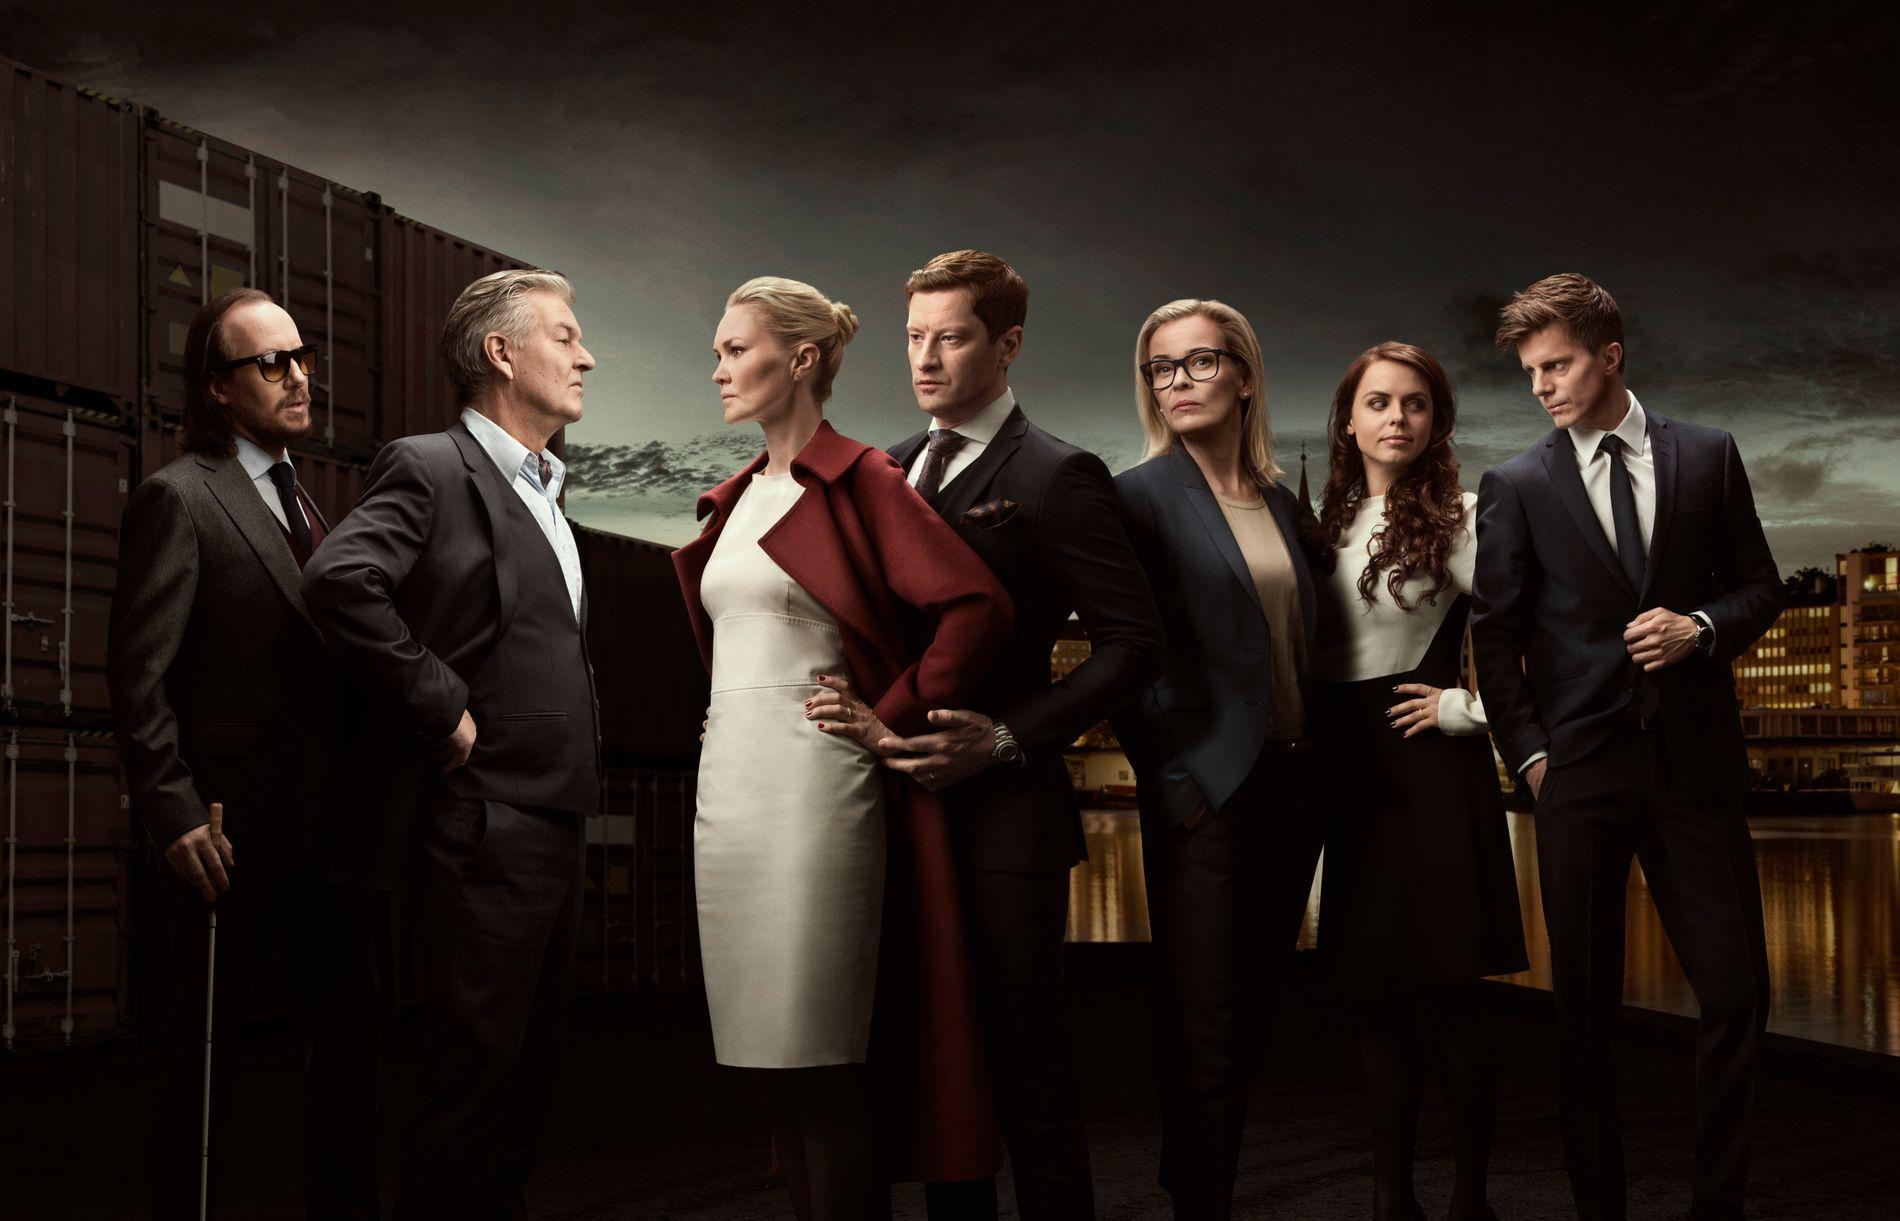 GALGENHUMOR: Advokatene i «Aber Bergen» kommer tilbake på skjermen. FOTO: Rune Bendiksen/TV3